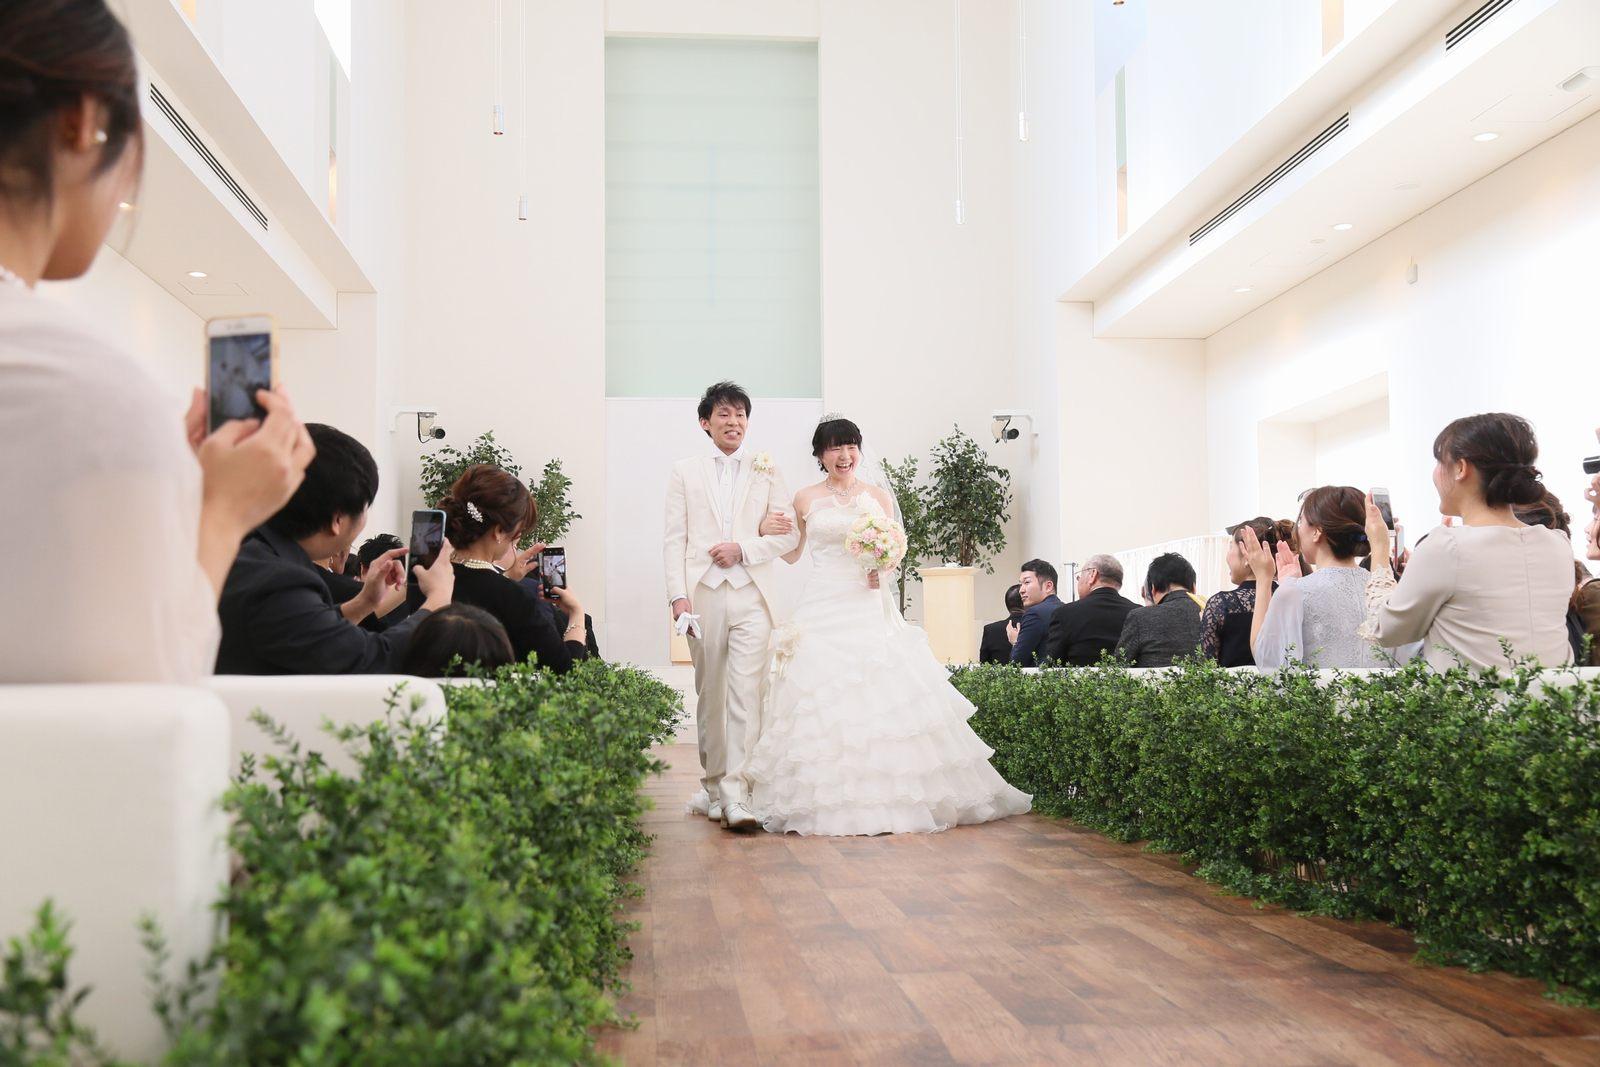 徳島市の結婚式場ブランアンジュでチャペル挙式での拍手いっぱいの新郎新婦様の退場